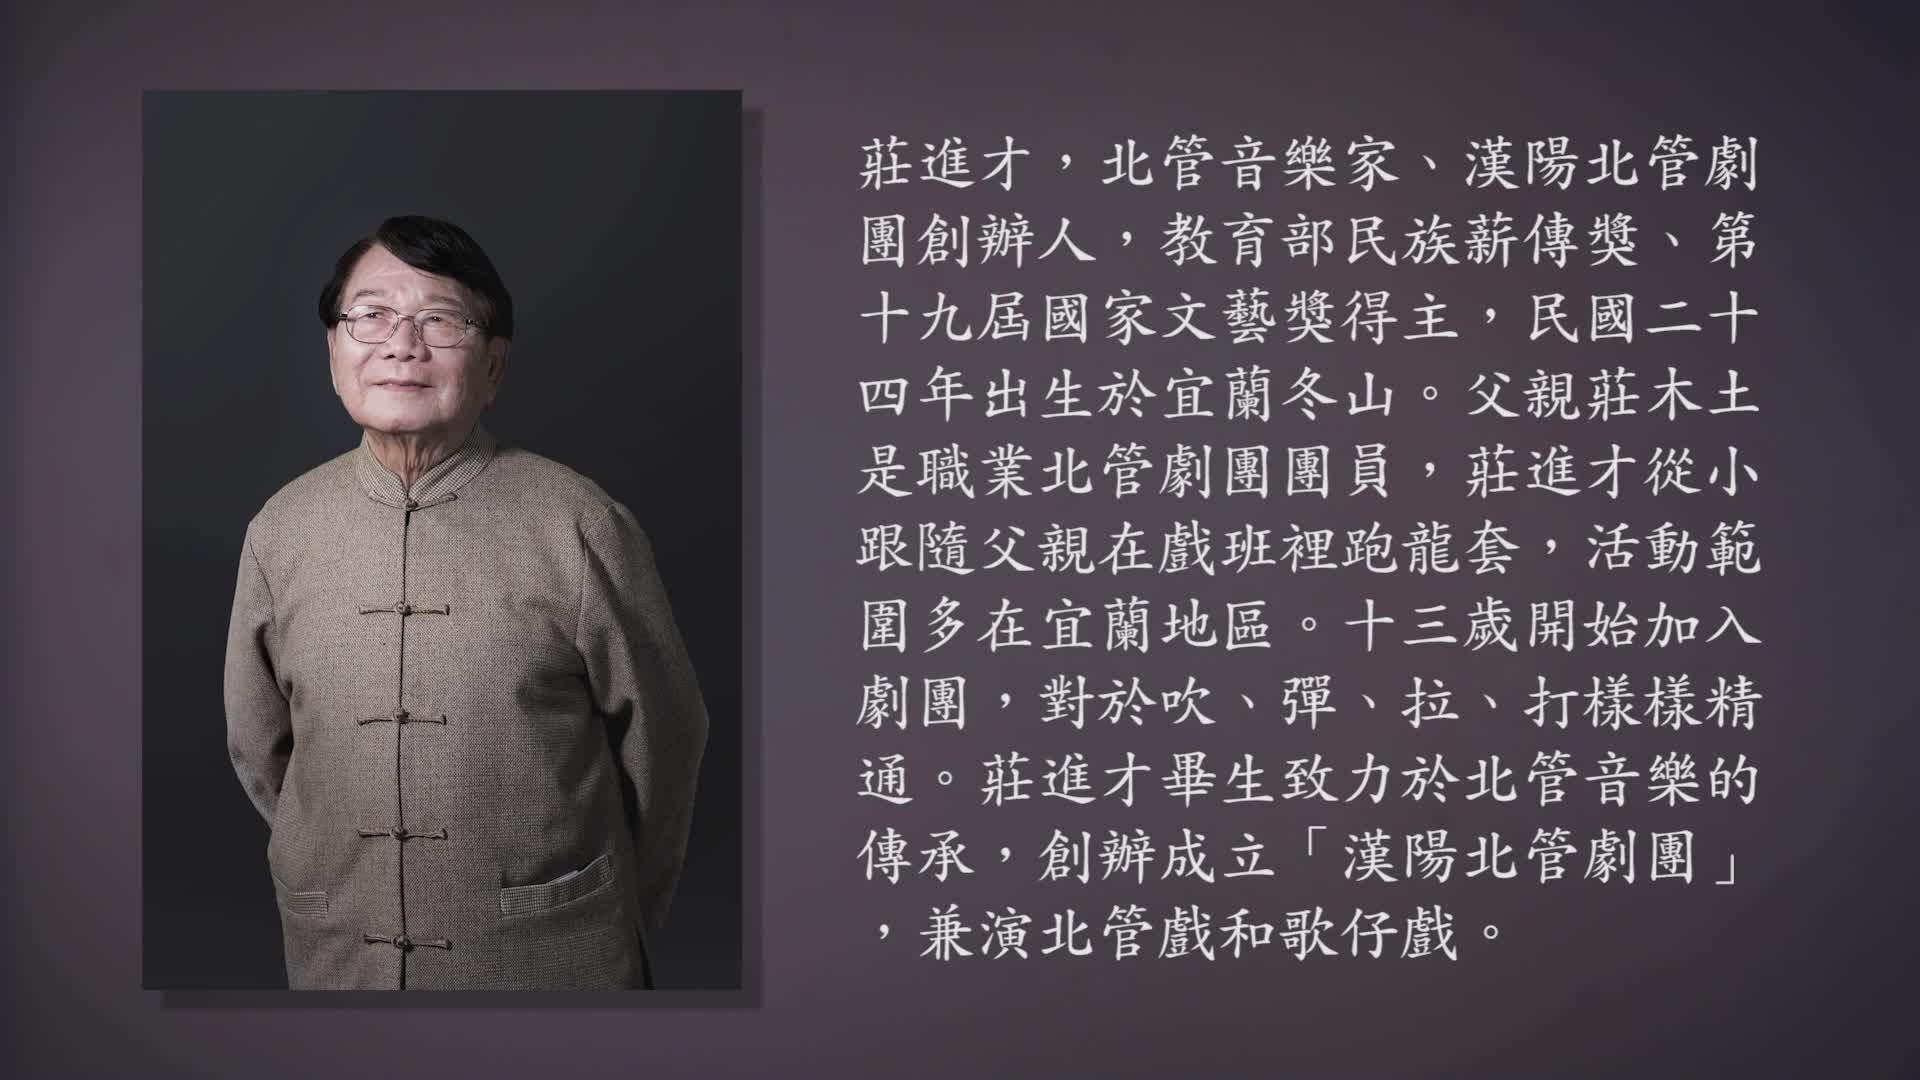 技藝.記憶-傳統藝術藝人口述歷史影像紀錄計畫-莊進才精華片段